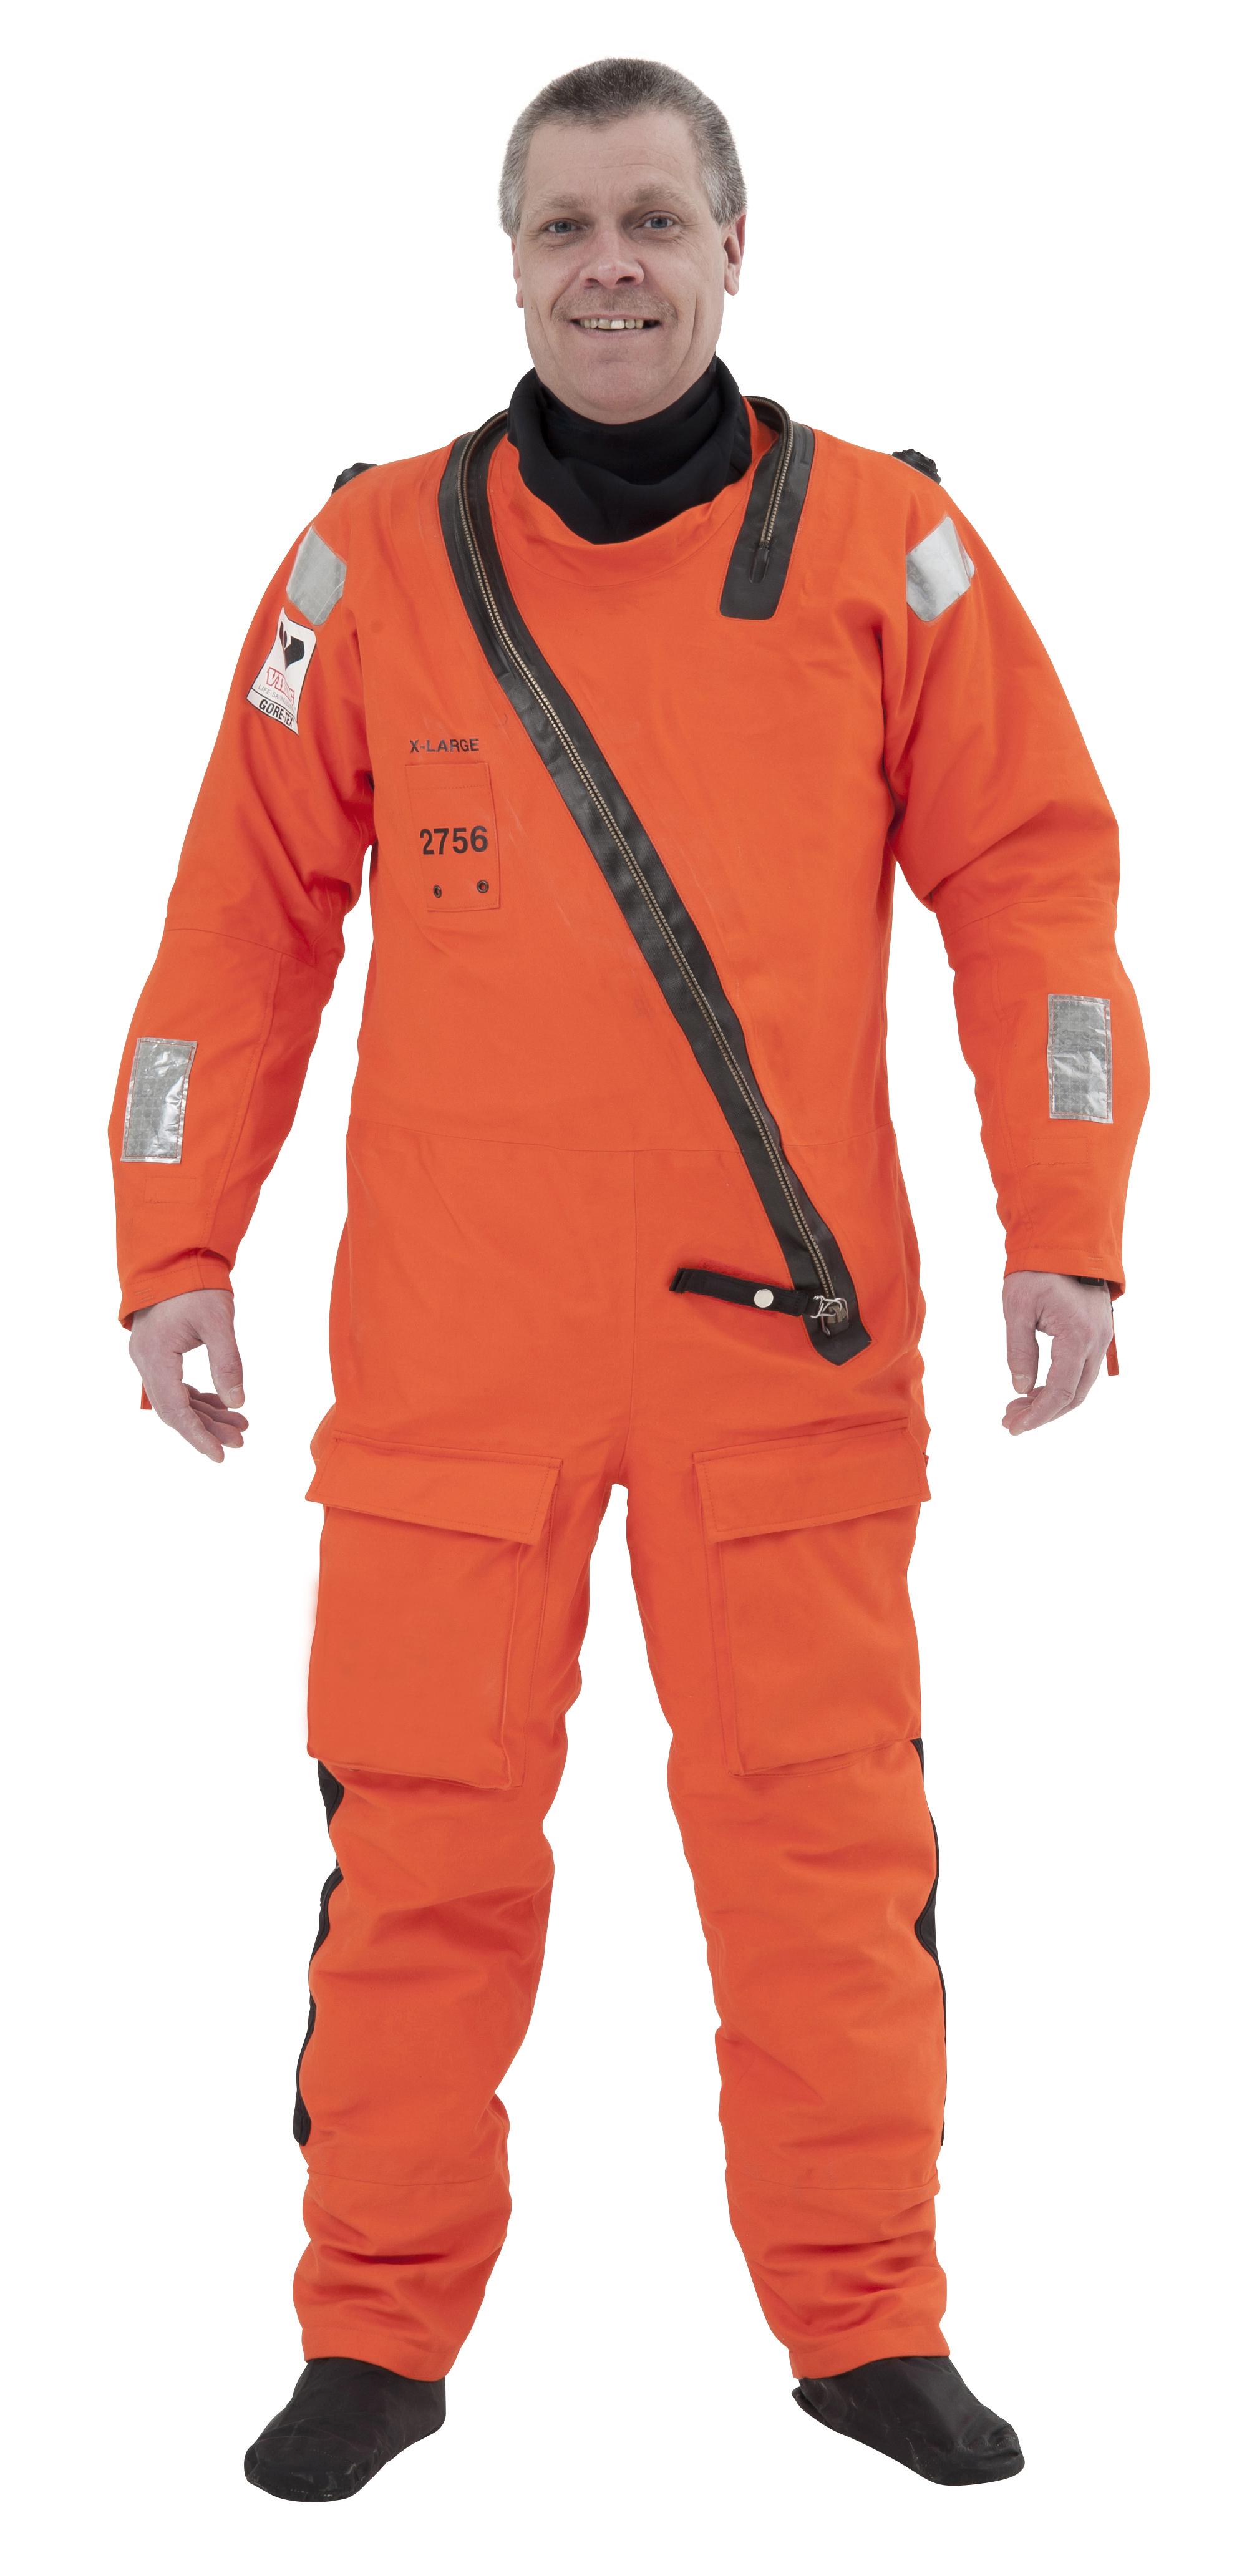 Pålidelig, høj kvalitet dragt, der hjælper med at beskytte operatører, der rejser til og fra arbejde...